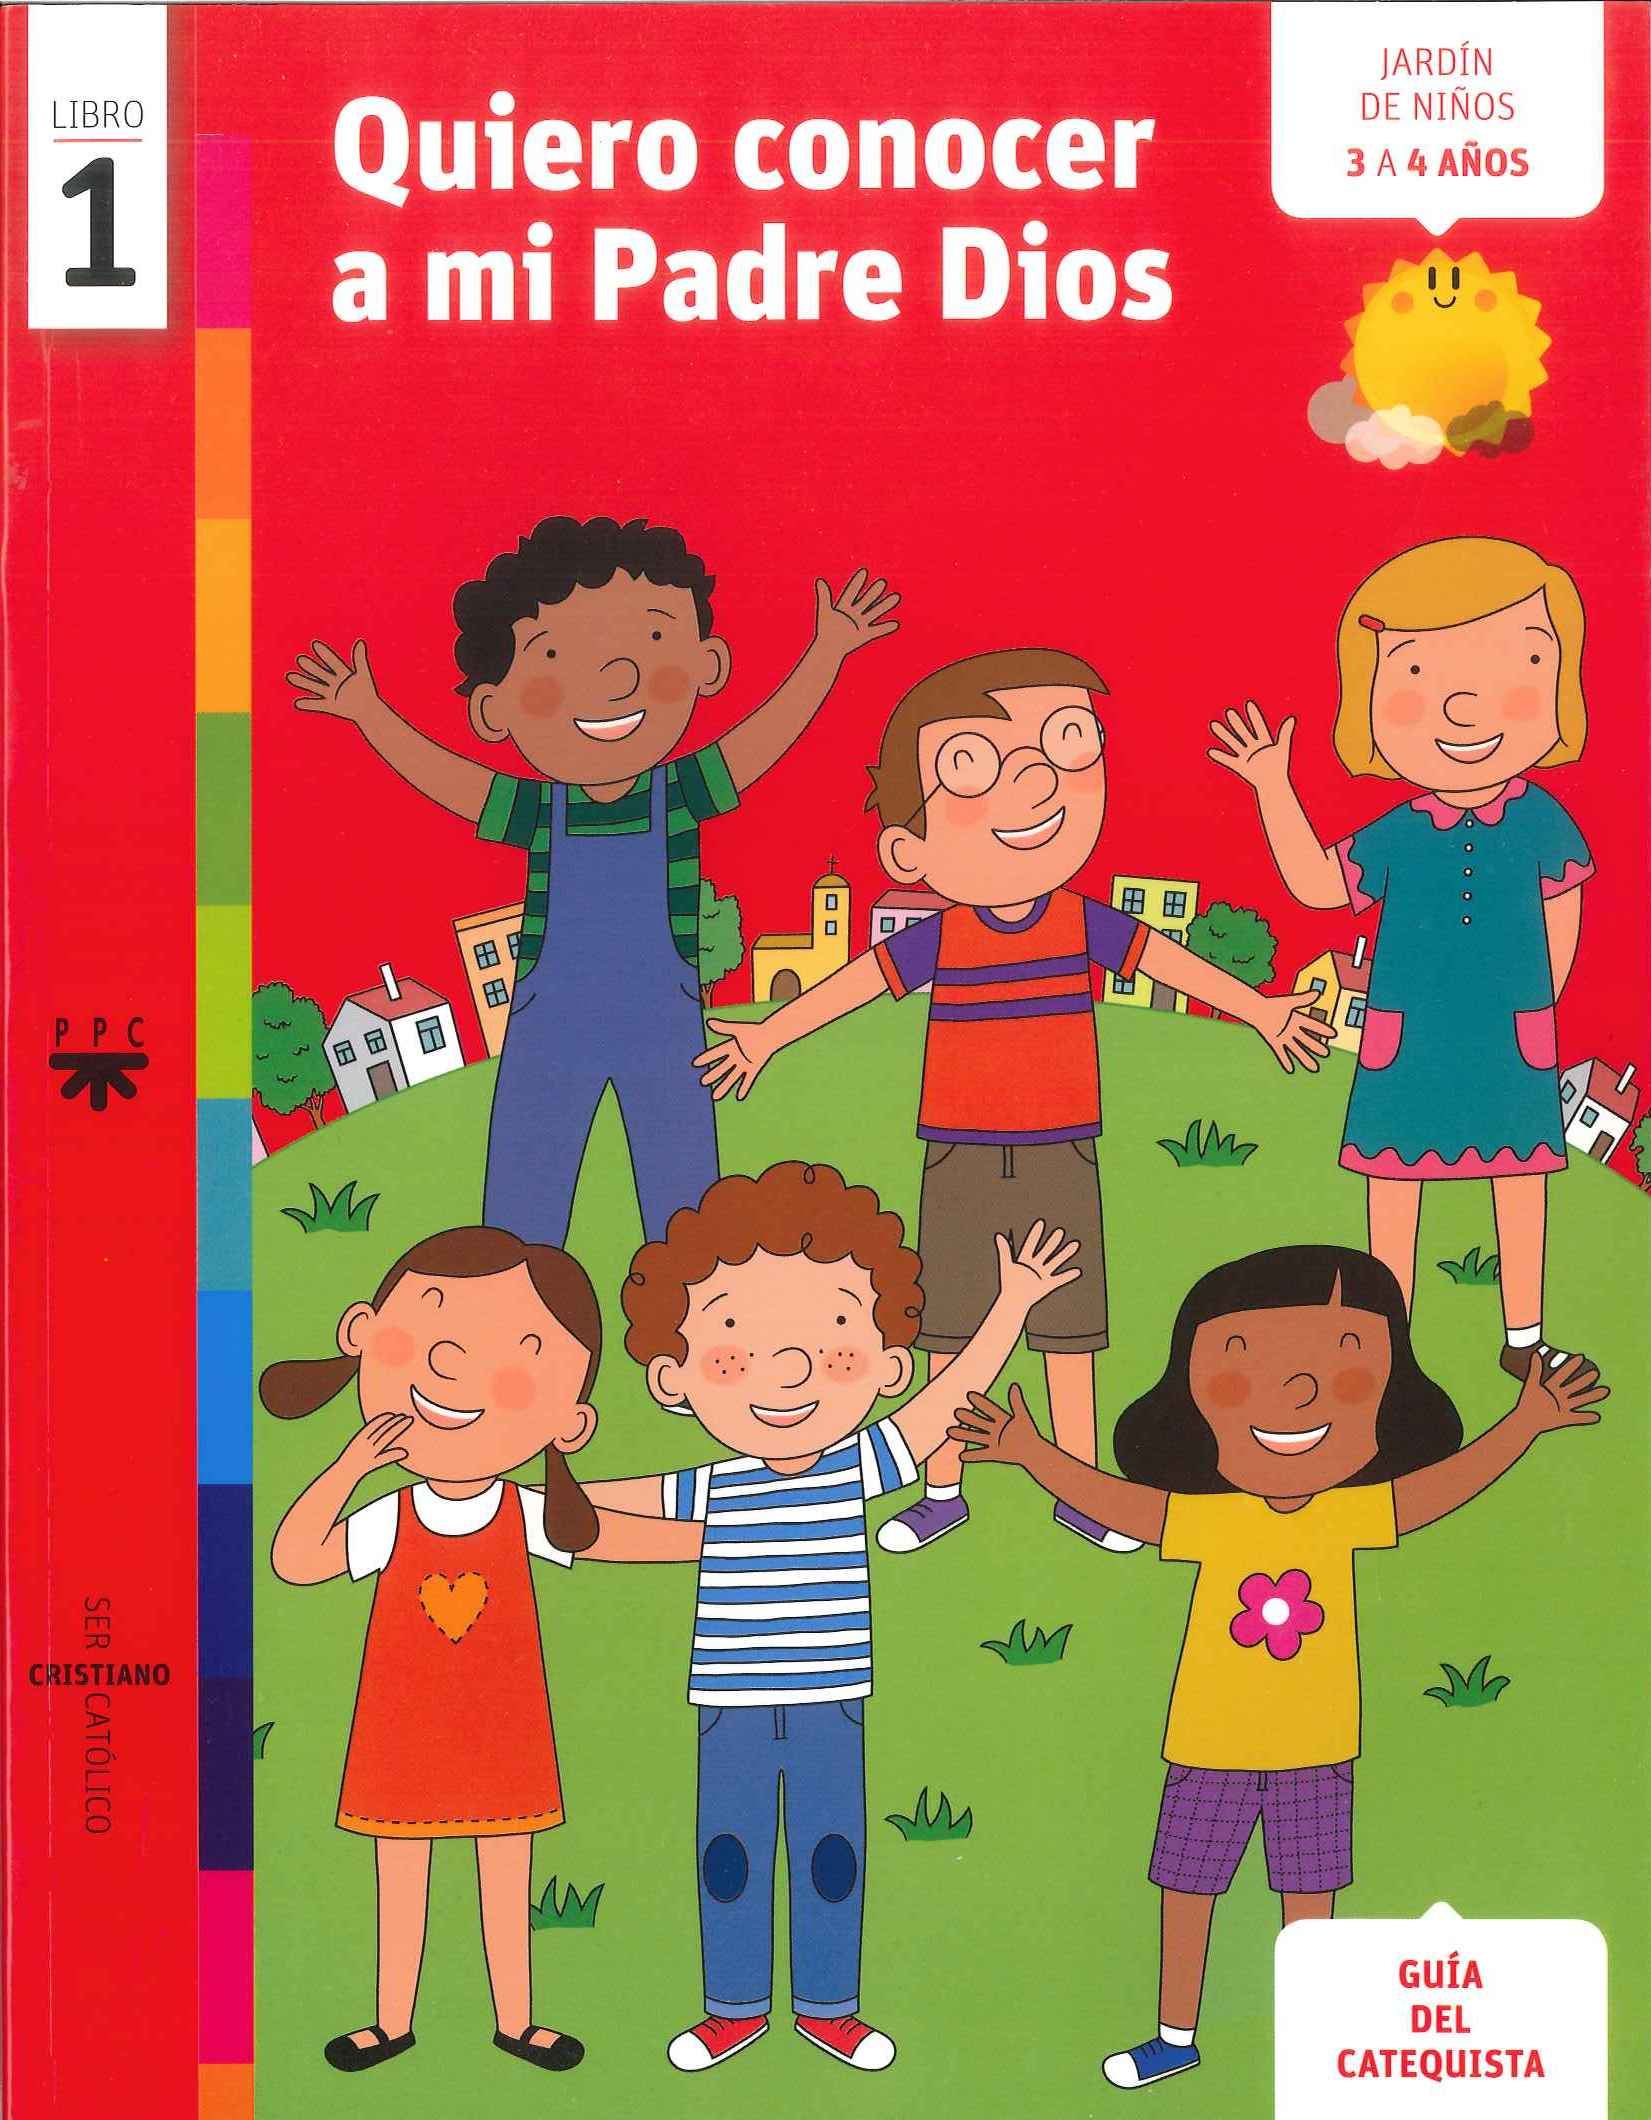 Quiero conocer a mi Padre Dios, 1. Ser cristiano católico. Guía del catequista